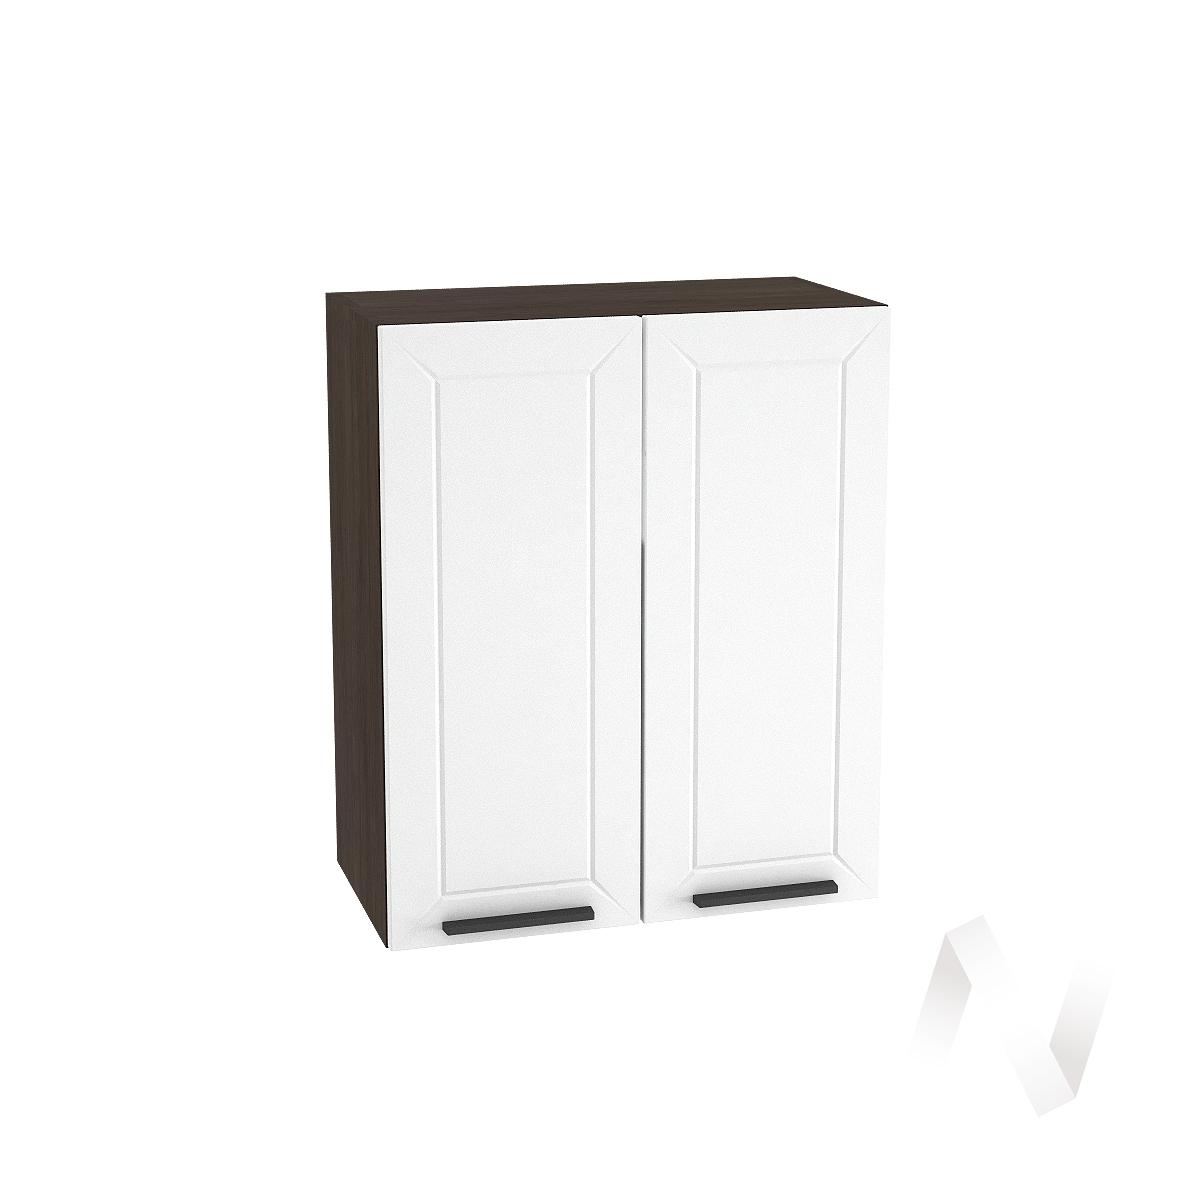 """Кухня """"Глетчер"""": Шкаф верхний 600, ШВ 600 (Айленд Силк/корпус венге)"""